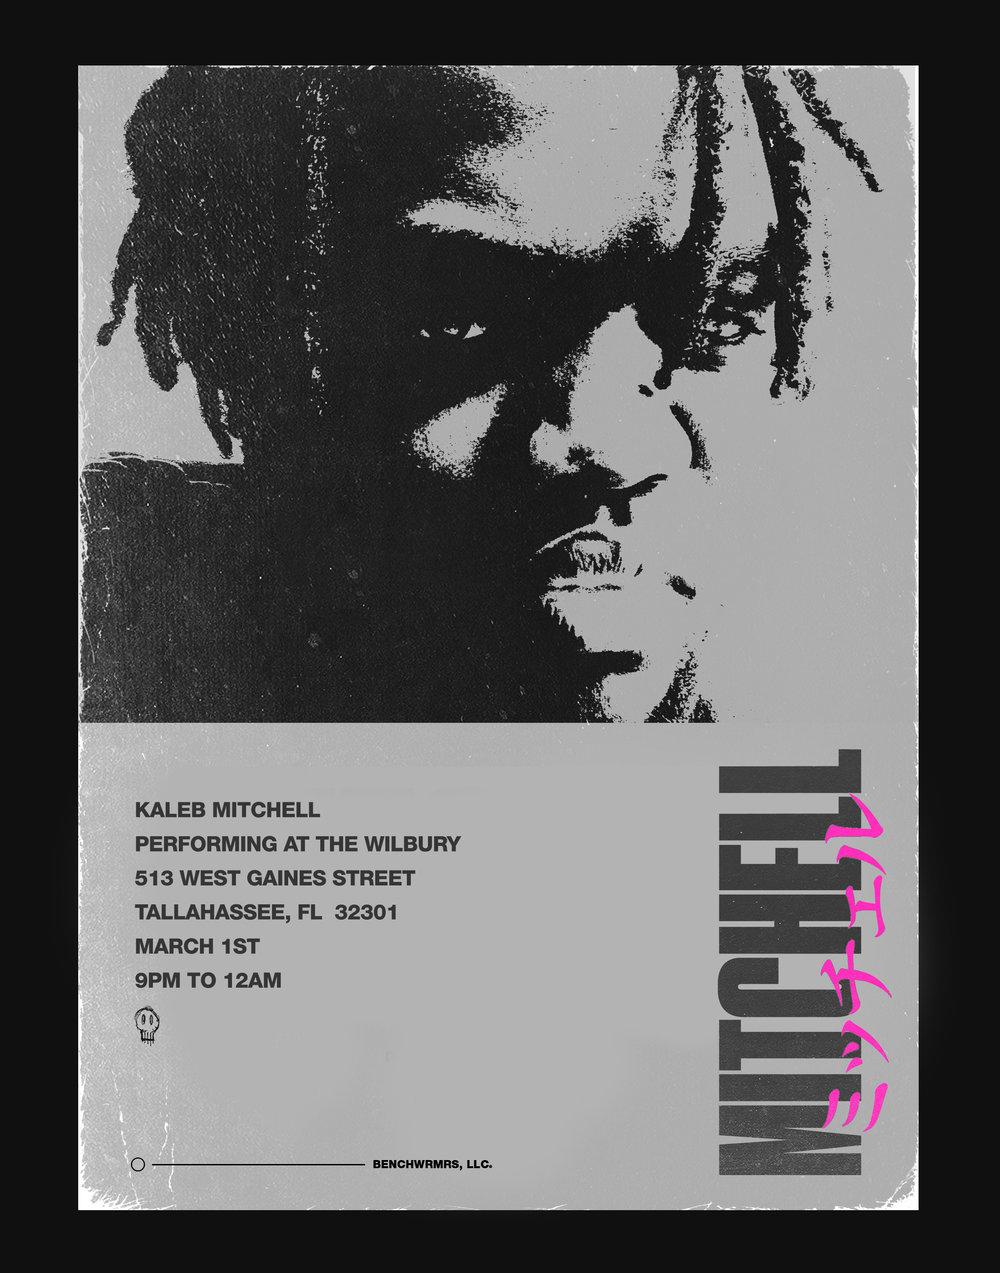 mitchell show flyer2.jpg